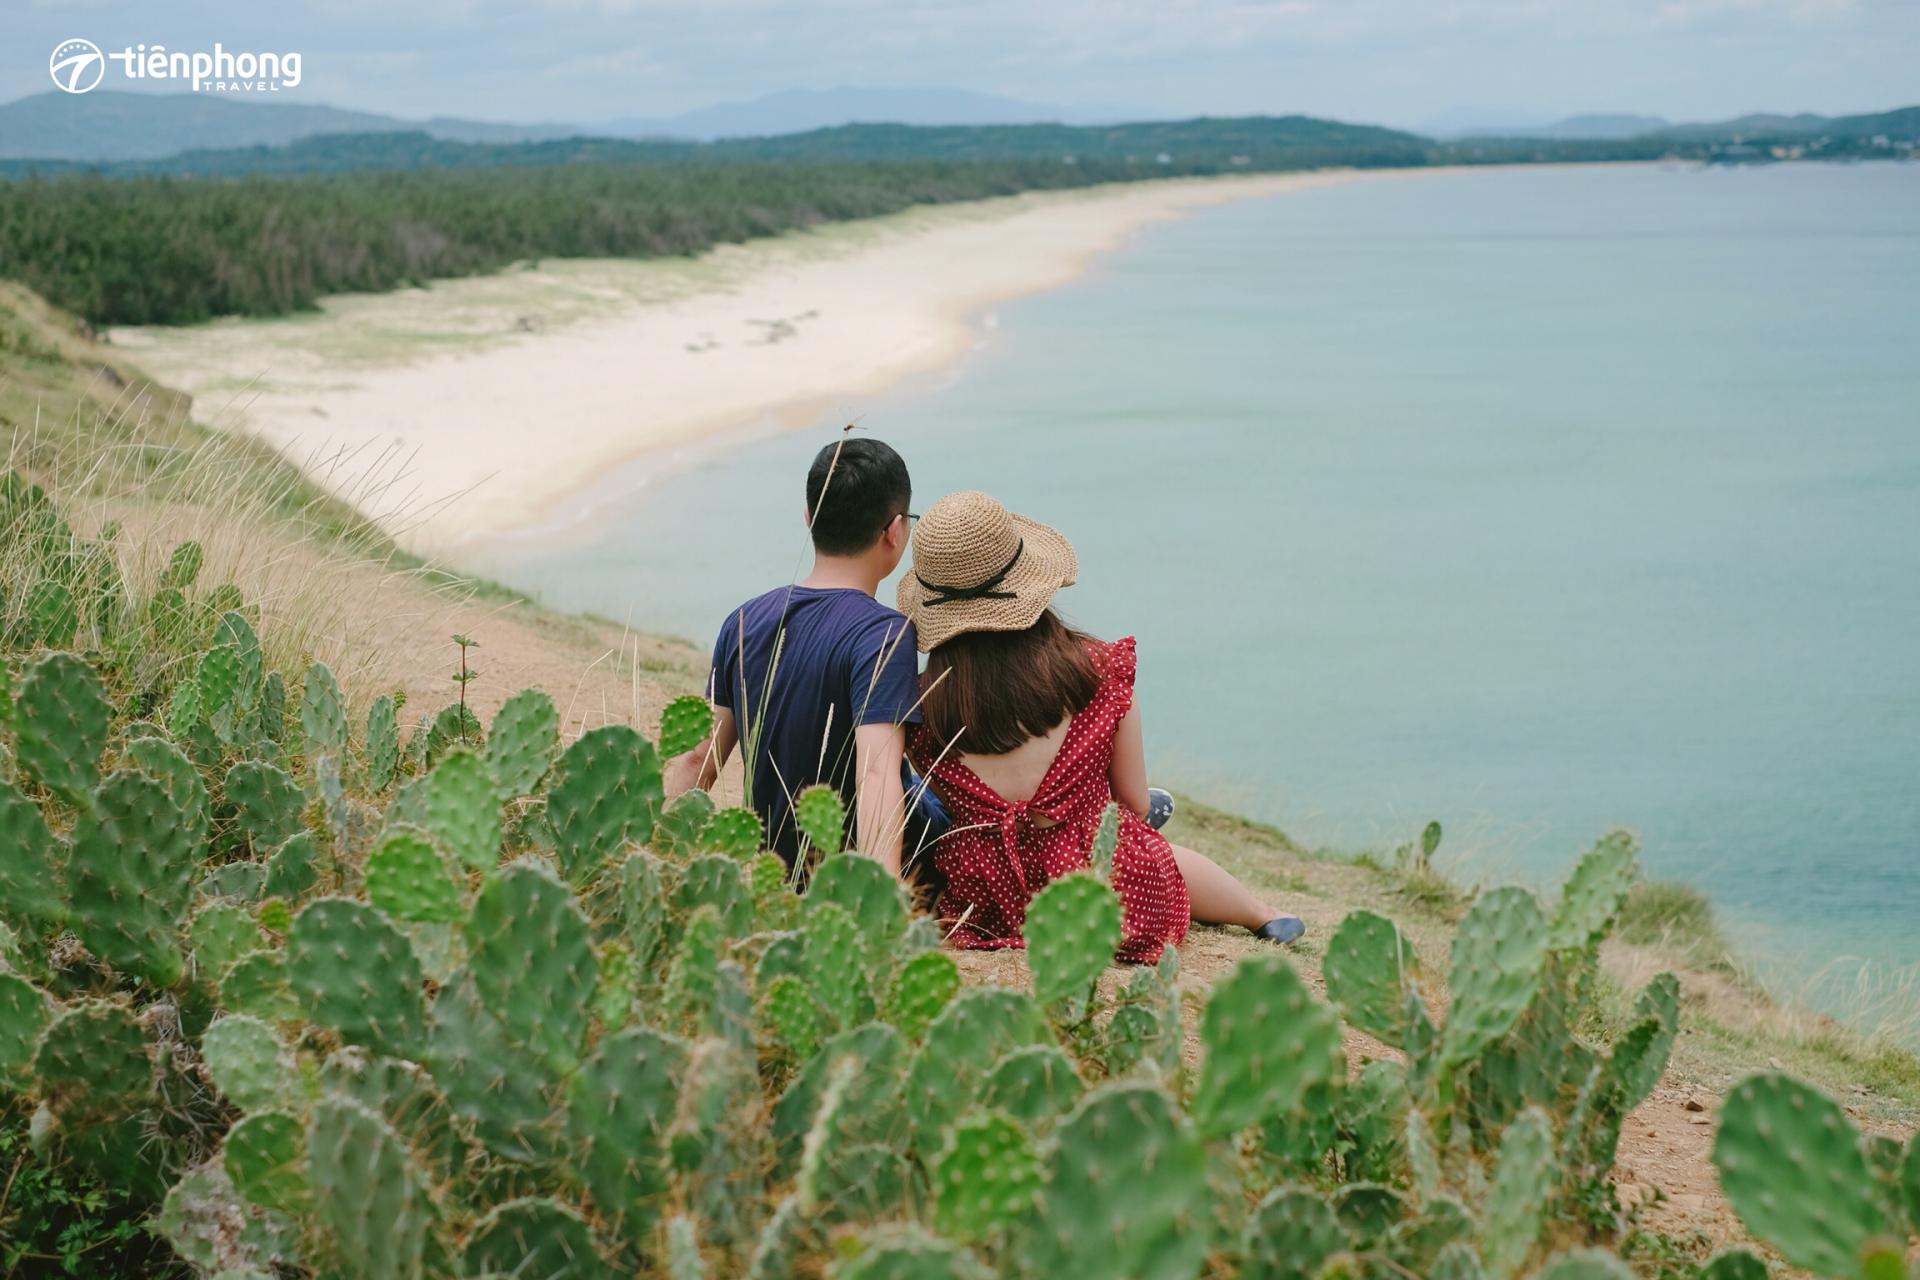 Cẩm nang du lịch Quy Nhơn Phú Yên hè 2019 không thể bỏ lỡ